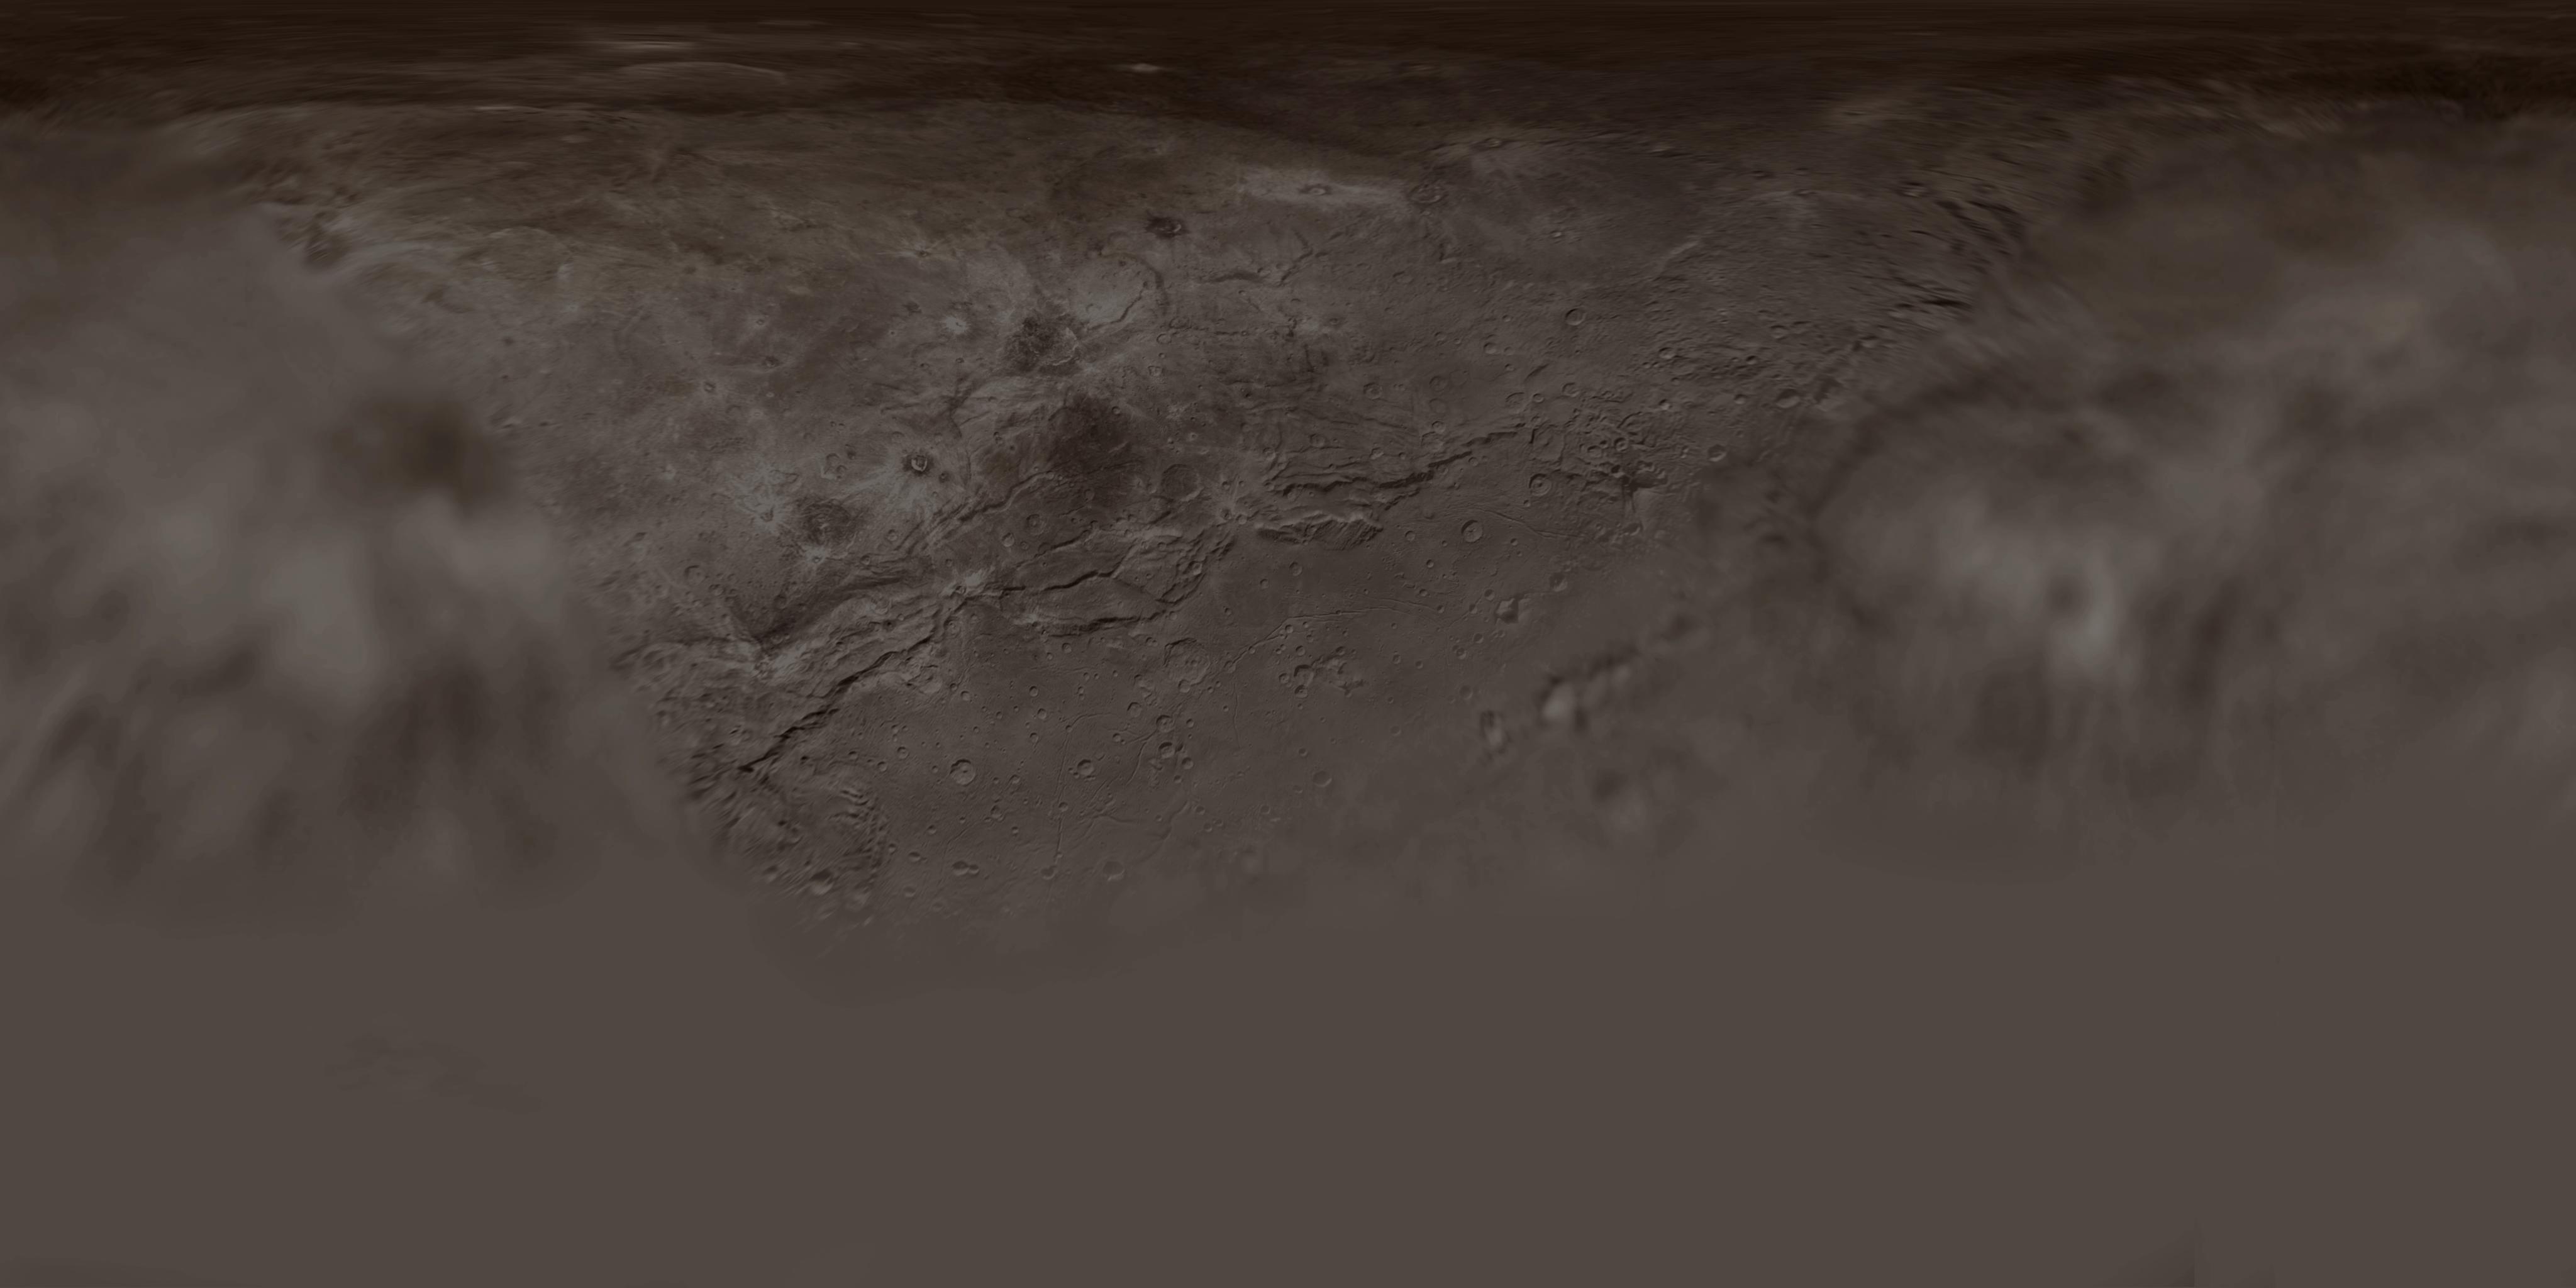 Charon Map (2015 Nov 07)